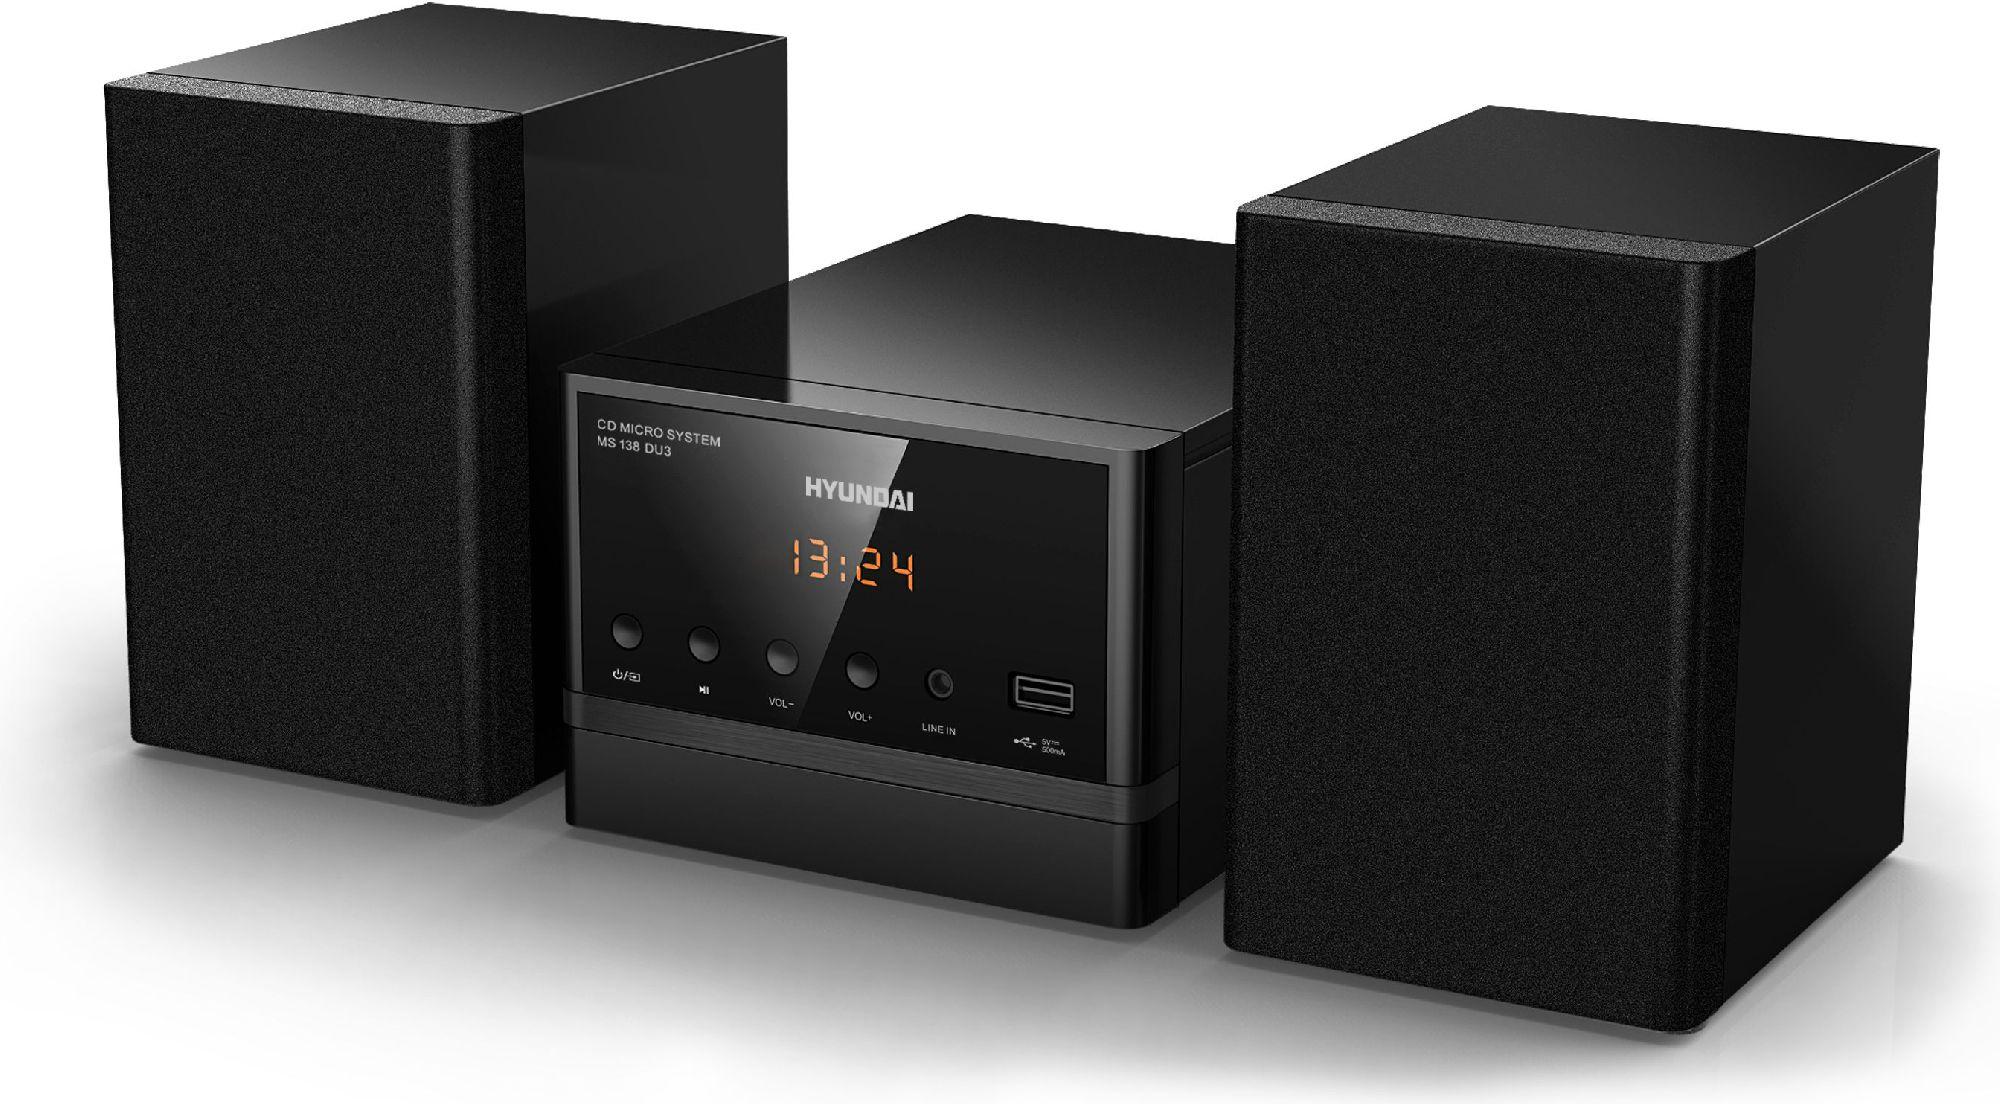 Audio system Hyundai MS138DU3, CD-R/RW, MP3, Tuner PLL, remote controller